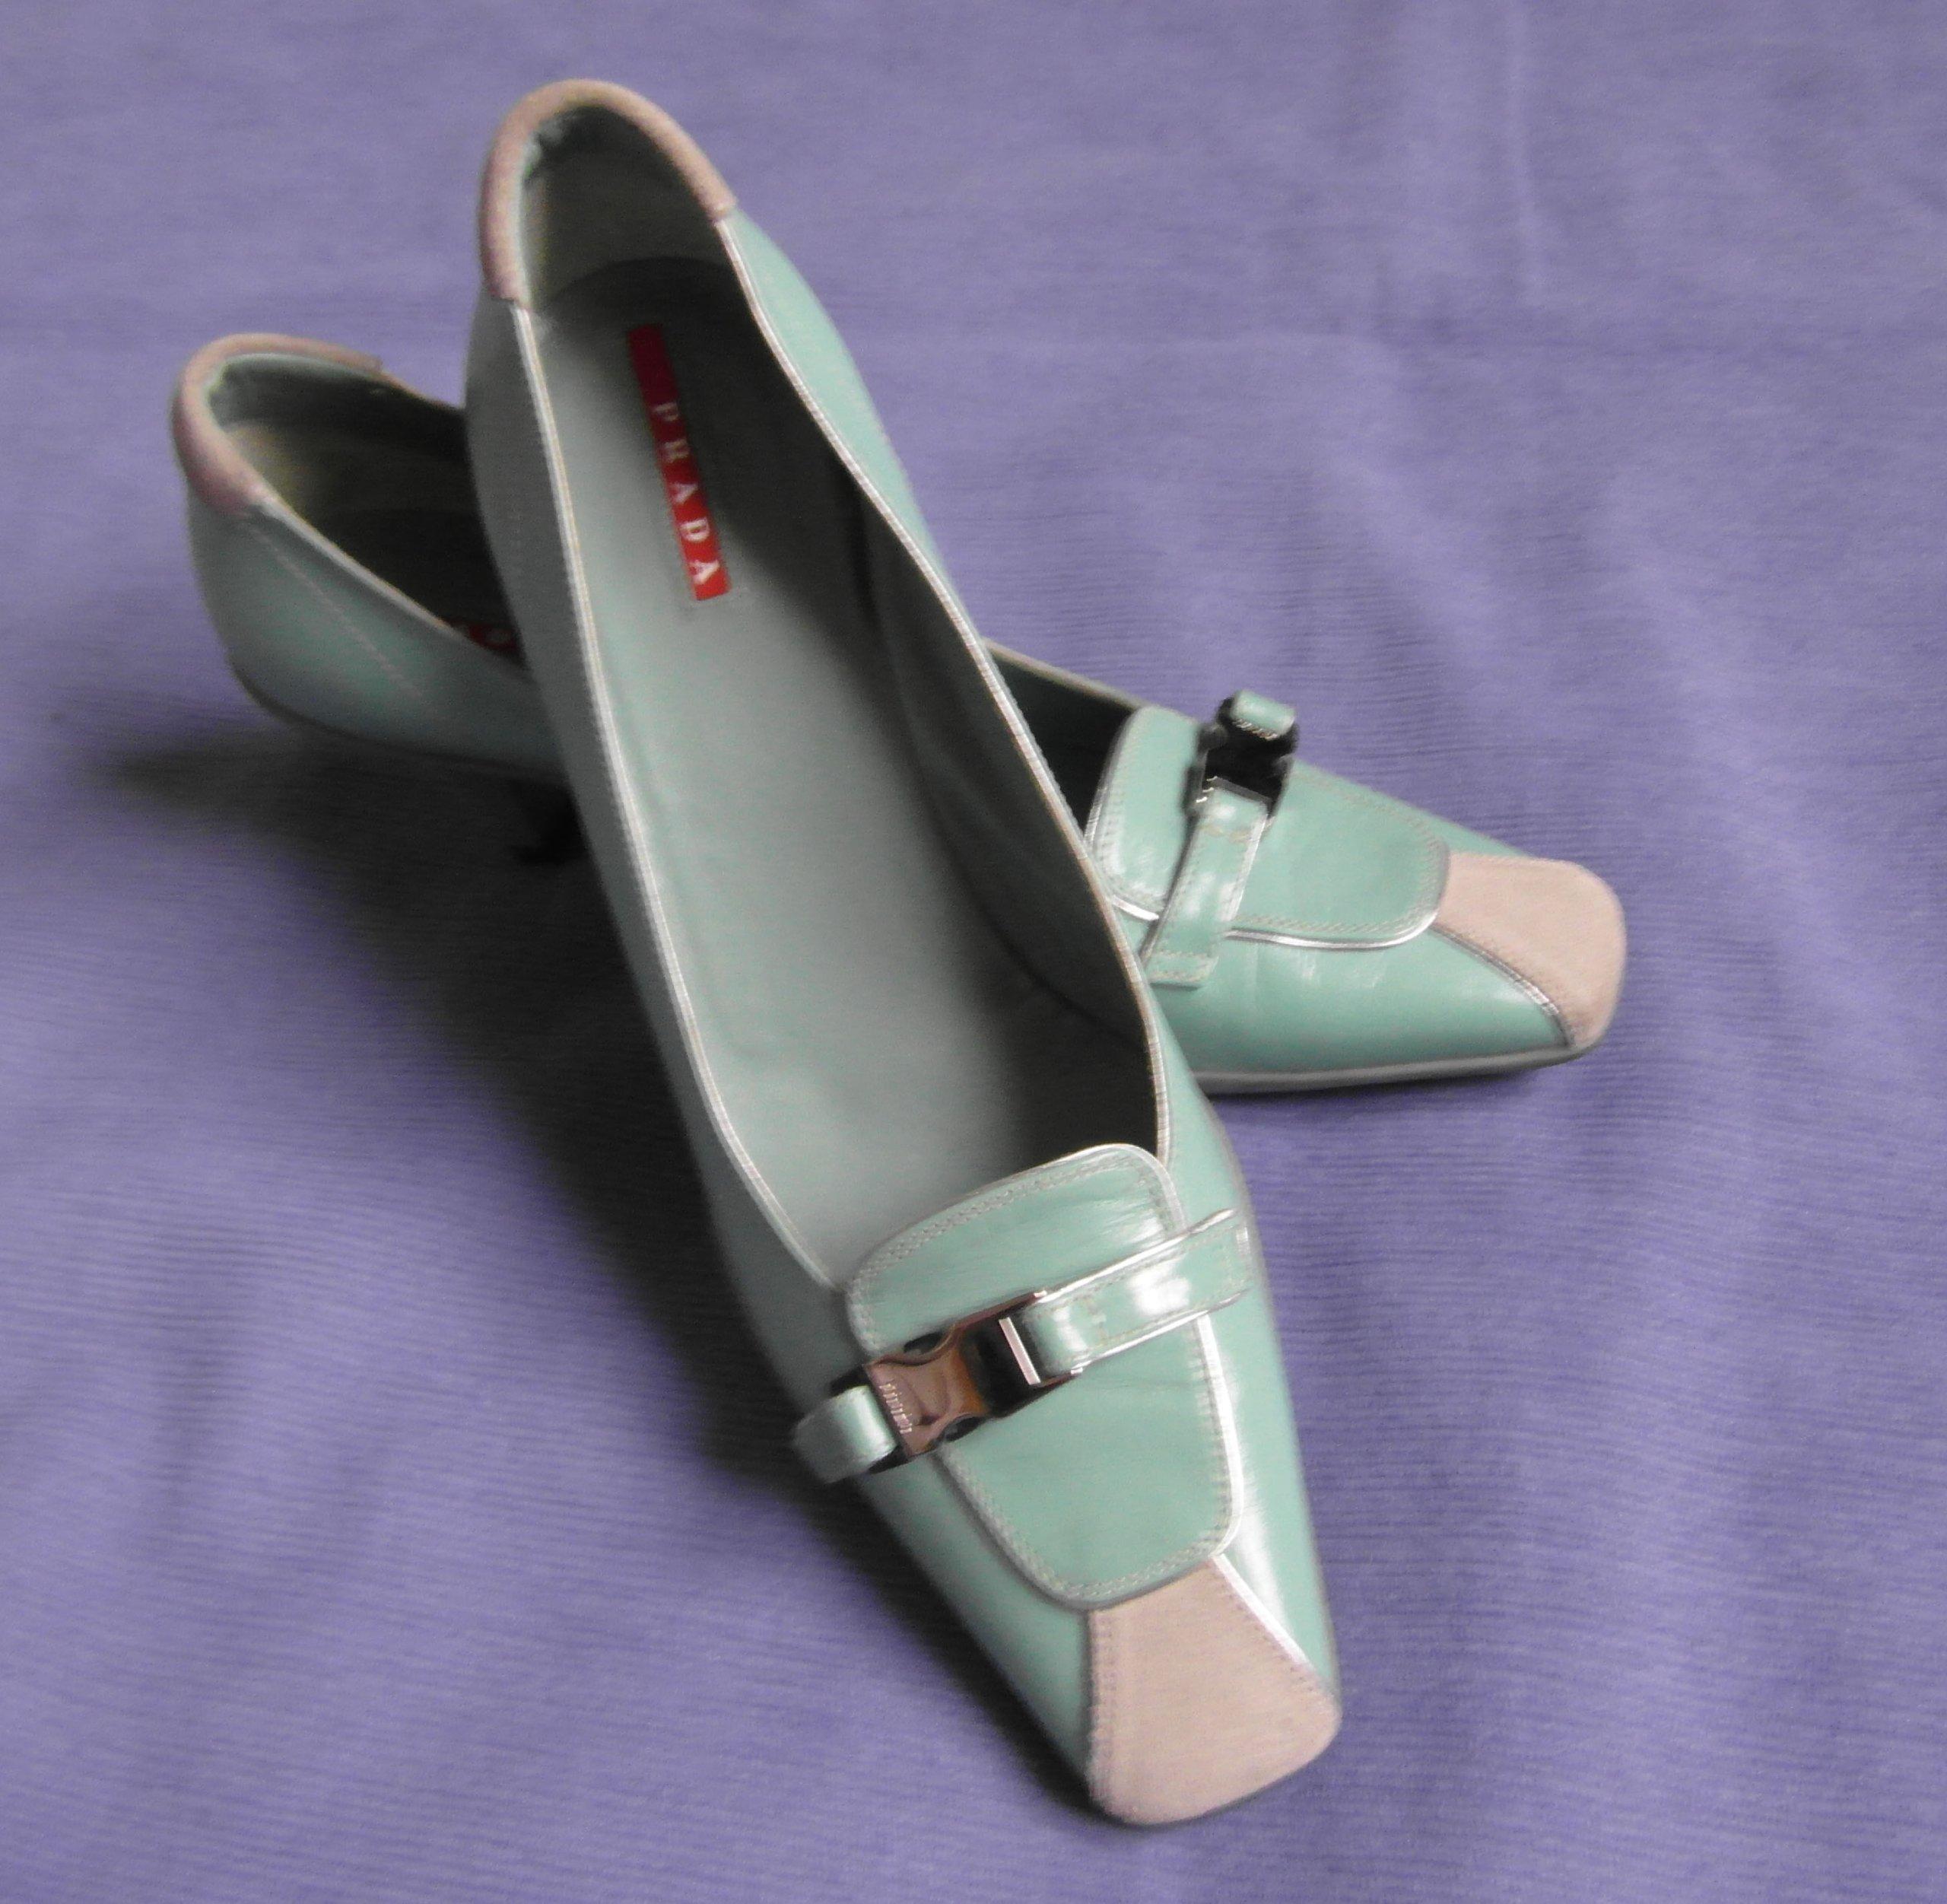 7642287b2b0ae Oryginalne buty damskie Prada - R: 40 - jak nowe ! - 7072907742 ...